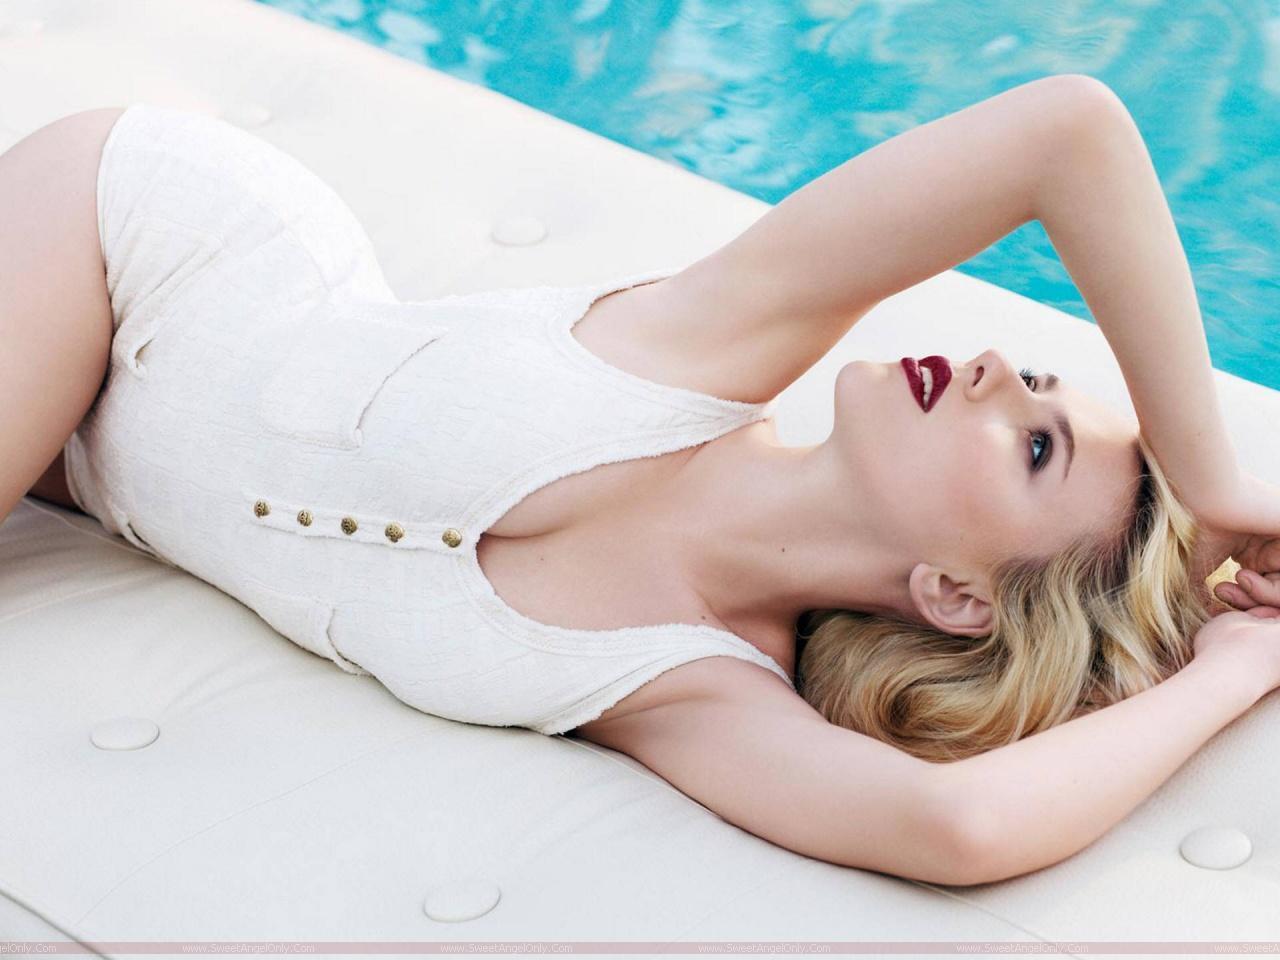 http://1.bp.blogspot.com/-V4o0b9yUwoU/ThRfxcGJStI/AAAAAAAAHgI/iNvObHqZvU8/s1600/Scarlett_Johansson_lingerie_photo_shoot.jpg